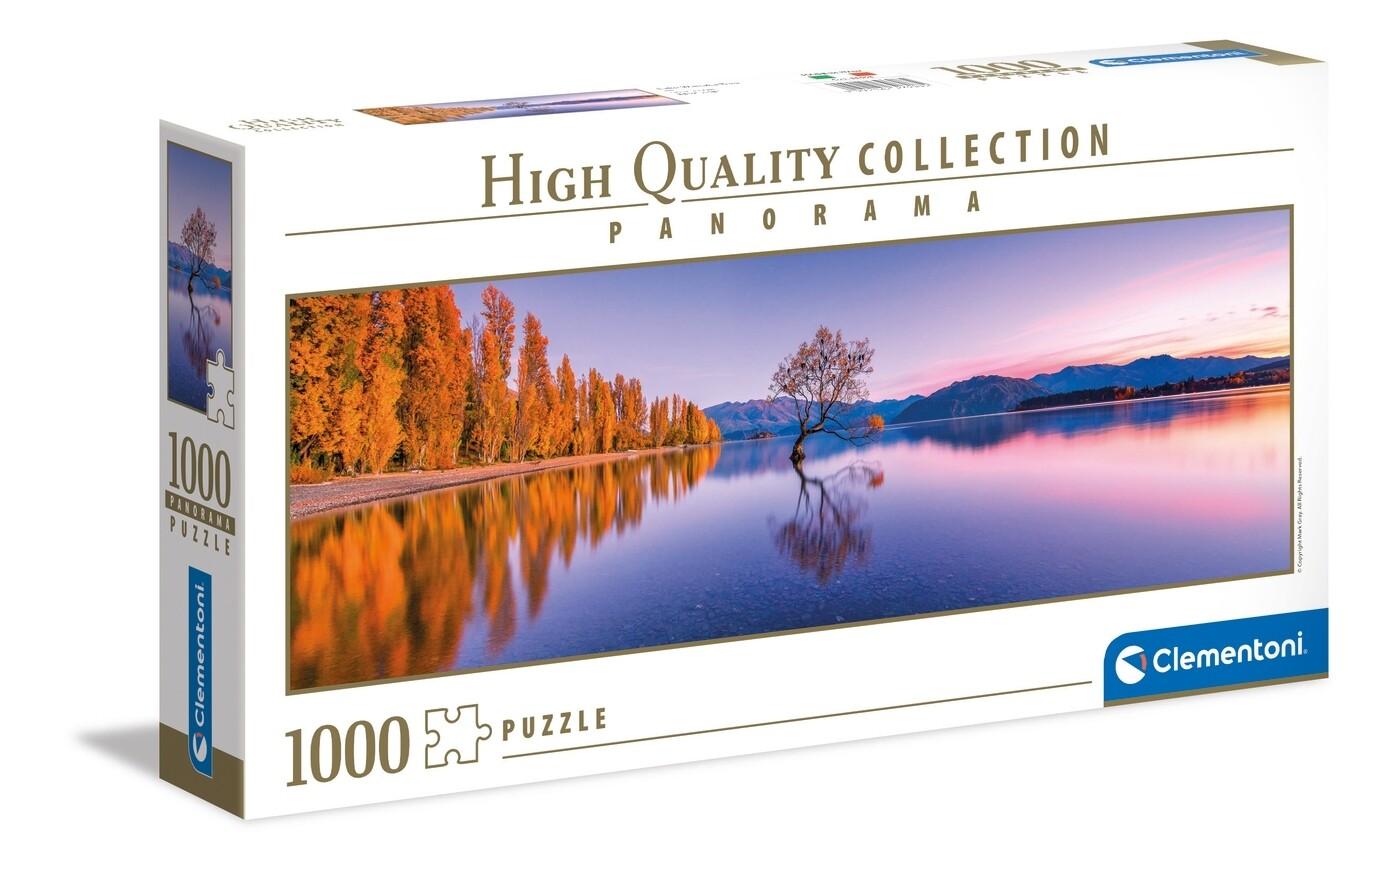 PUZZLE 1000 HQ Panorama - Lake - Wanaka Tree - CLEMENTONI